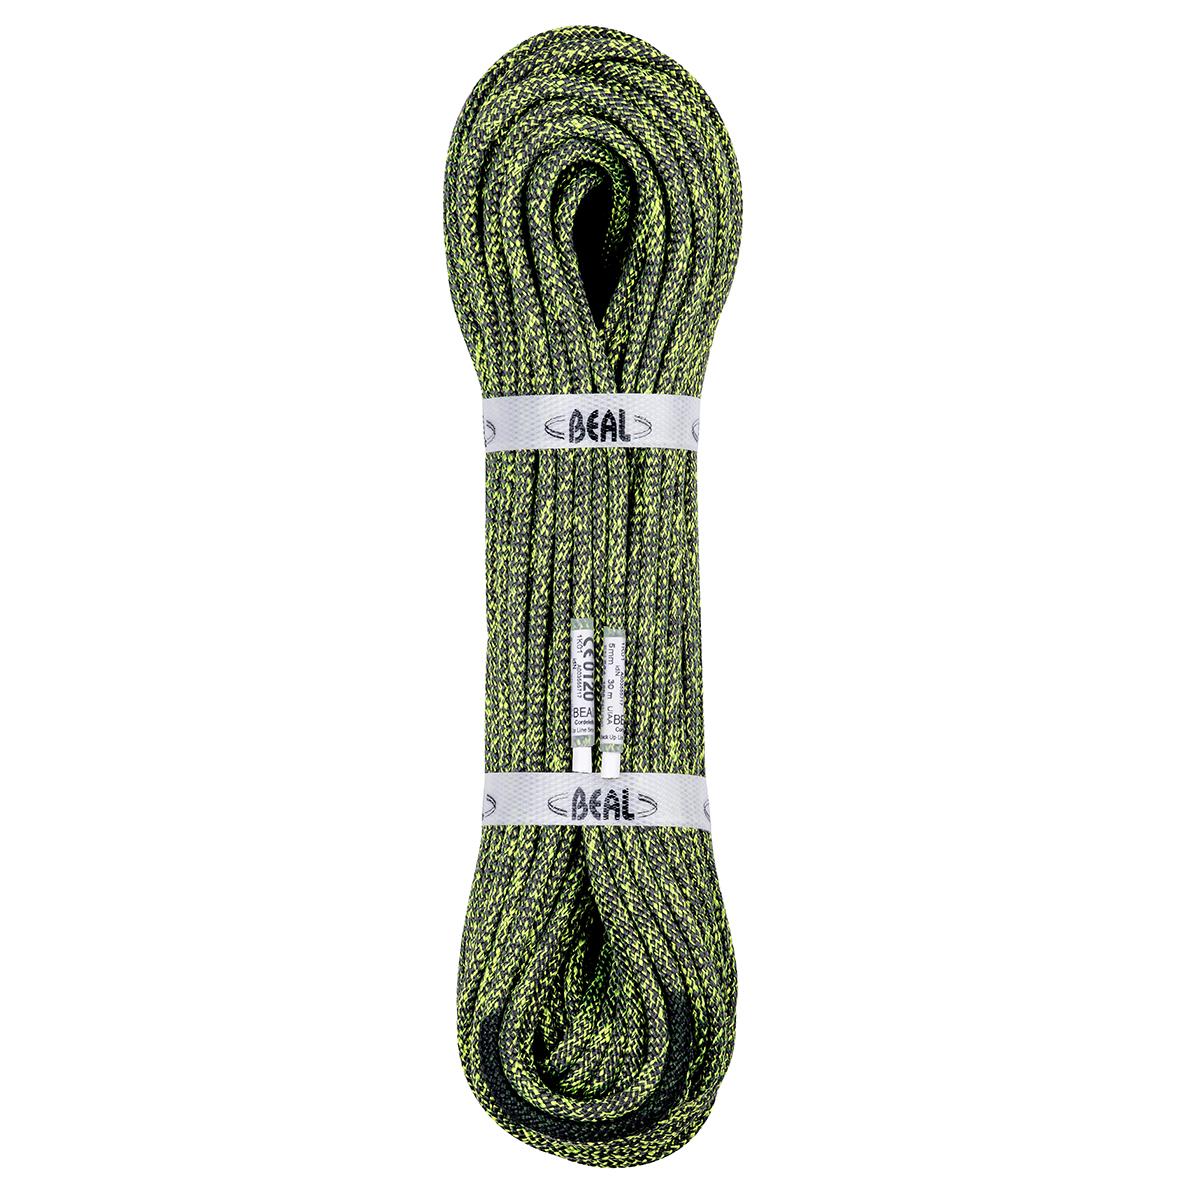 【ポイント3倍~5/10】ベアール補助ロープ 5mm バックアップライン 40m グリーン